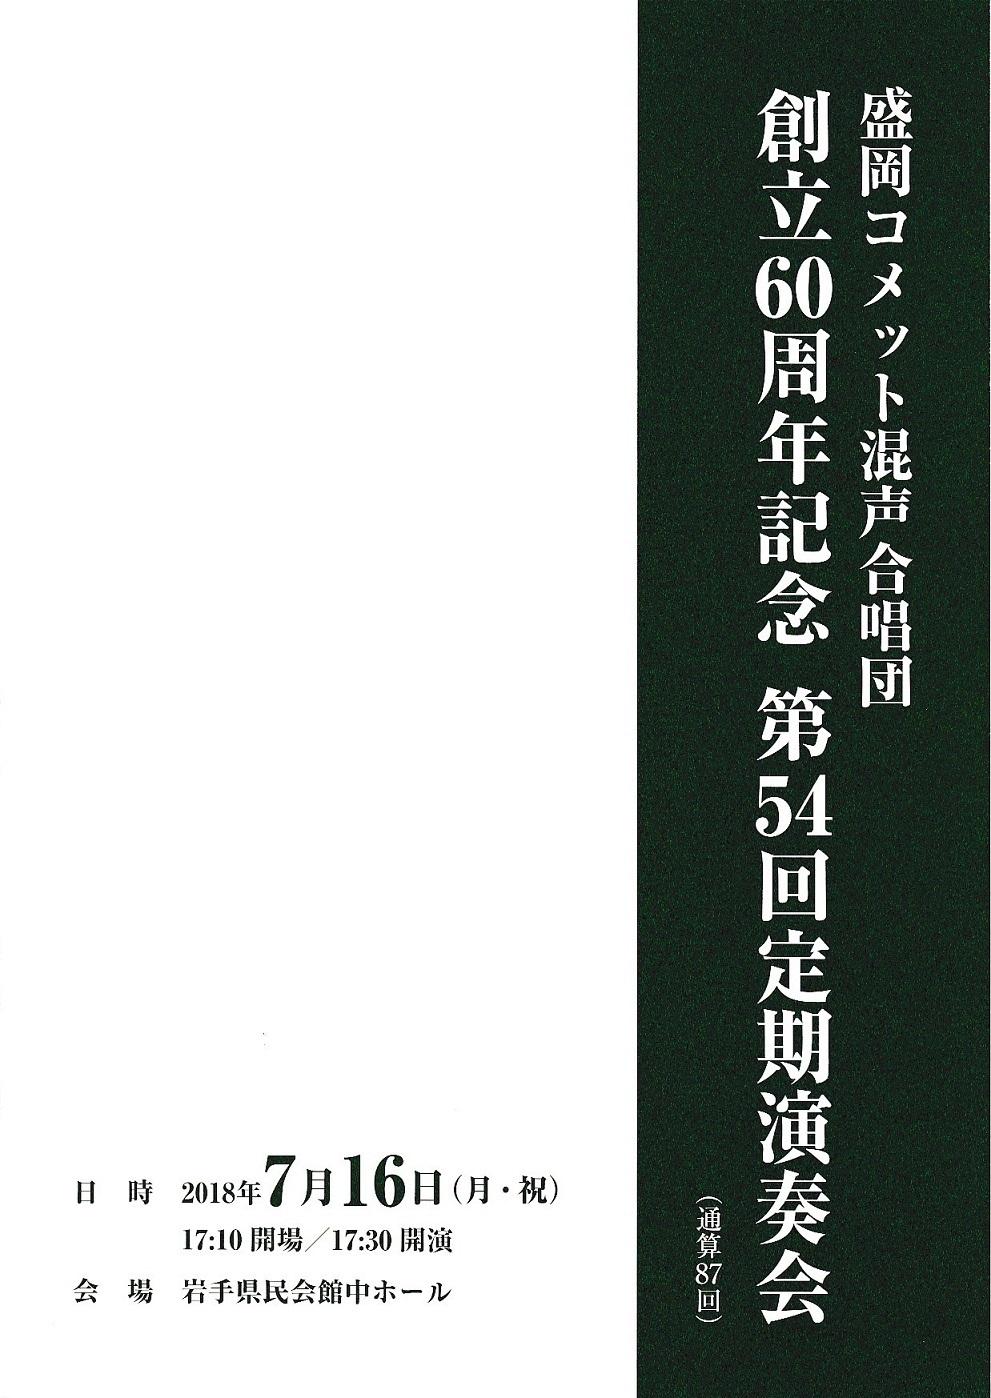 第87回演奏会_c0125004_12524707.jpg